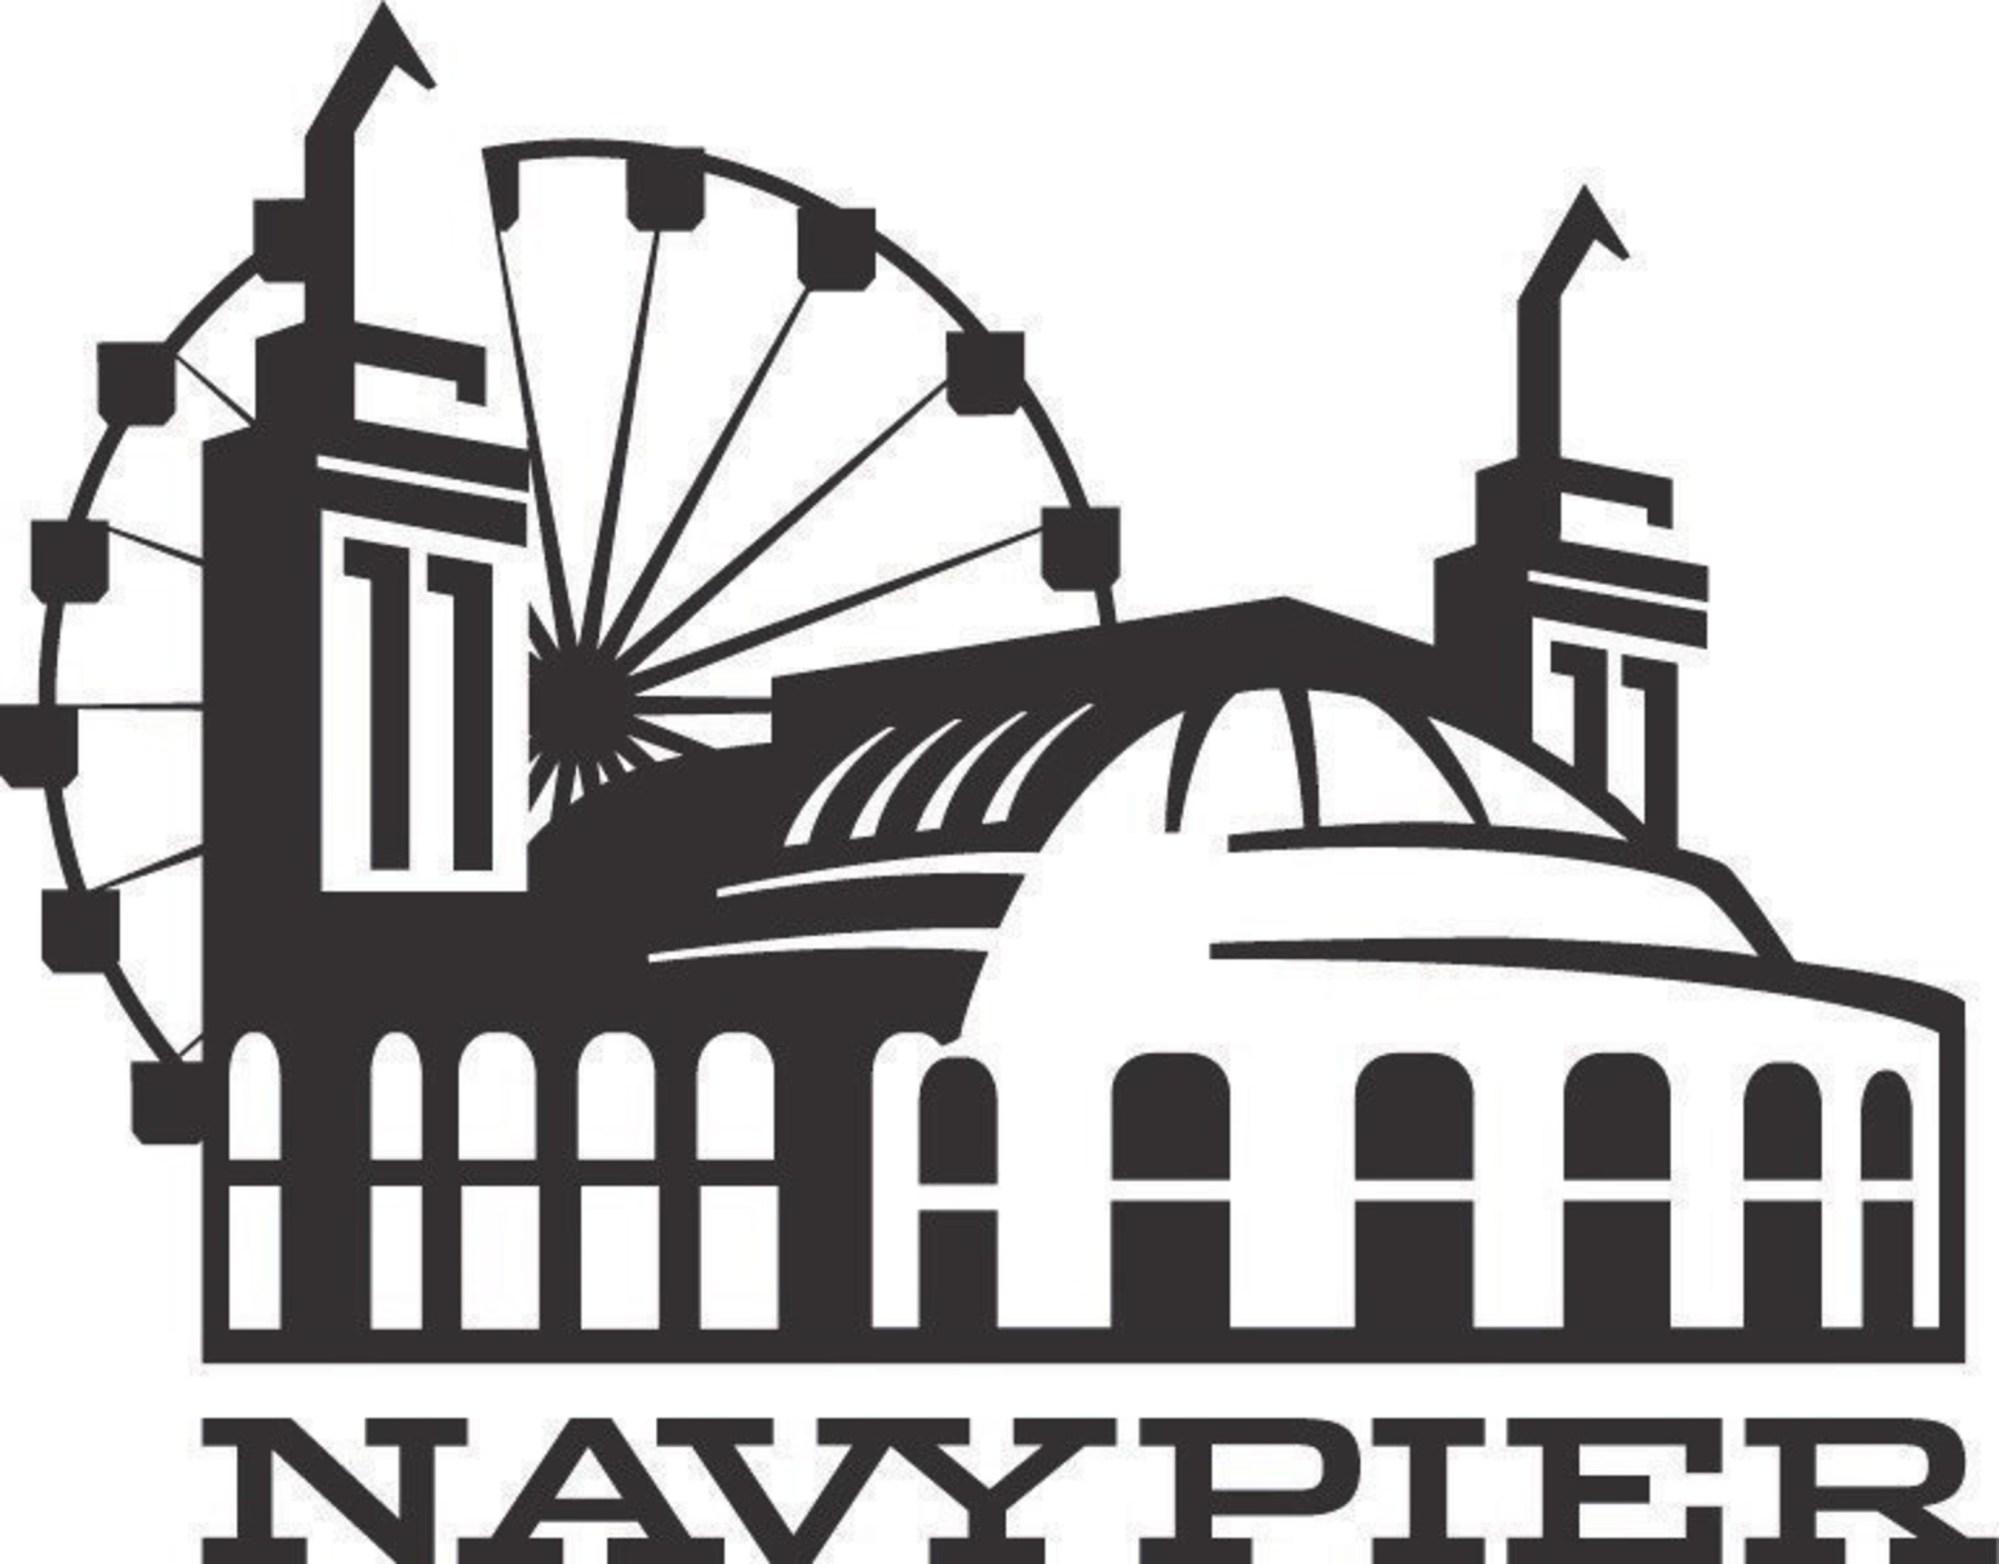 hight resolution of navy pier logo